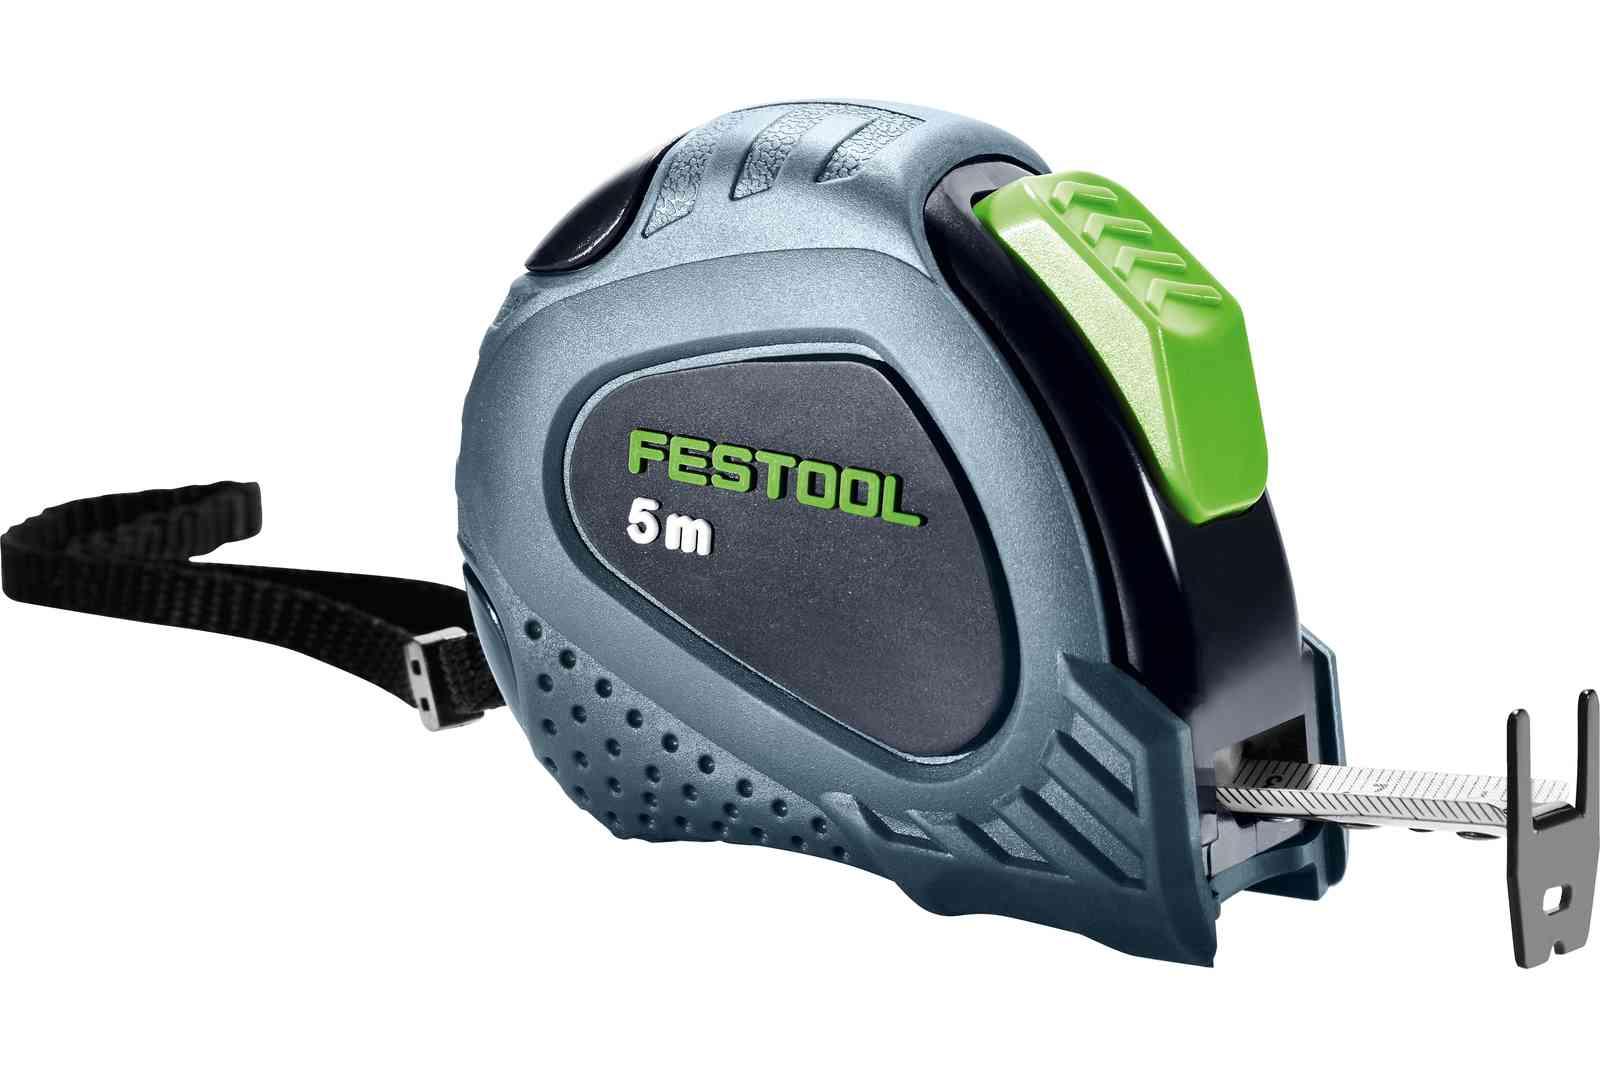 Festool - Mittanauha MB 5m